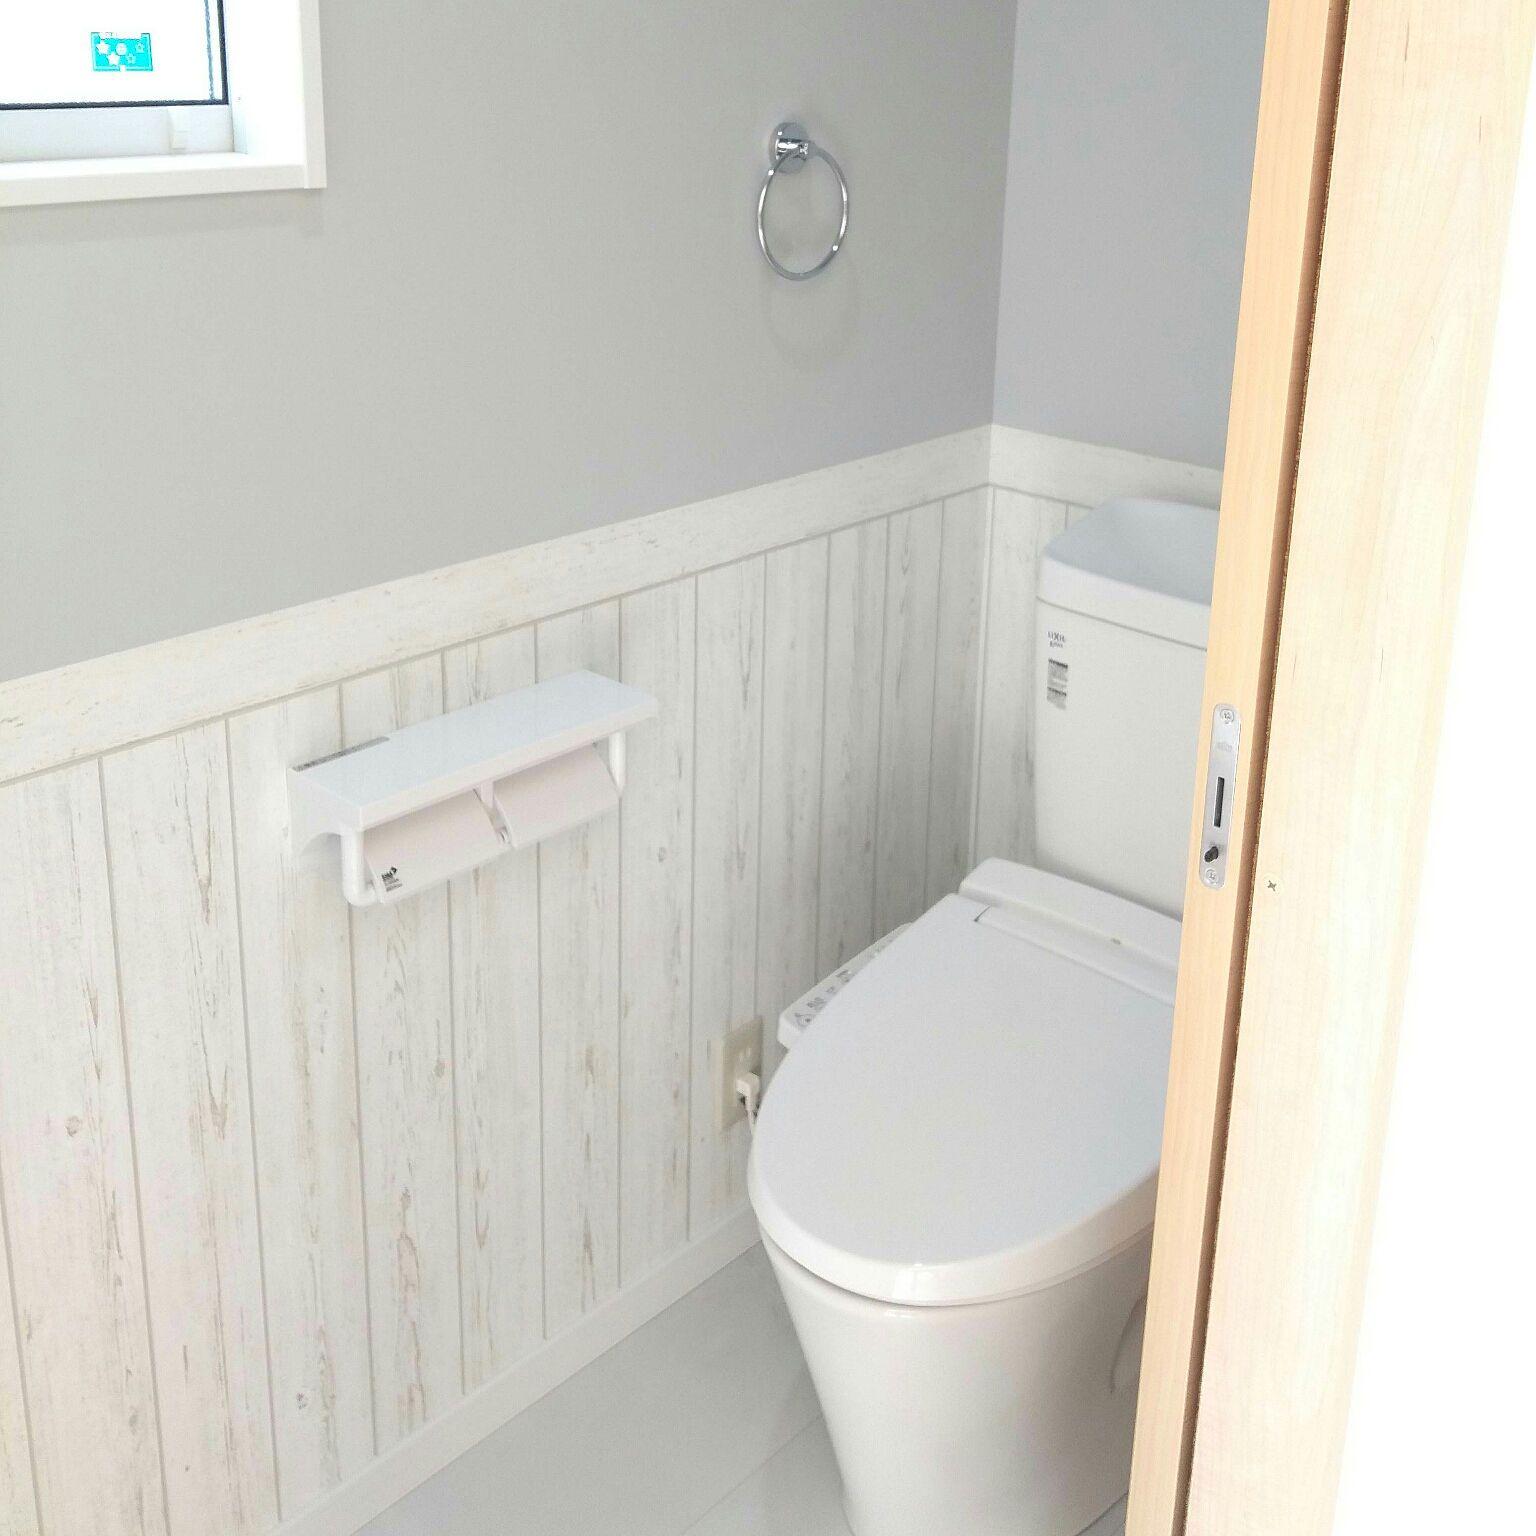 バス トイレ Lixil グレーの壁 木目調壁紙 水色の壁紙 などのインテリア実例 17 12 02 19 03 27 Roomclip ルームクリップ トイレのデザイン トイレ 壁紙 おしゃれ トイレ インテリア